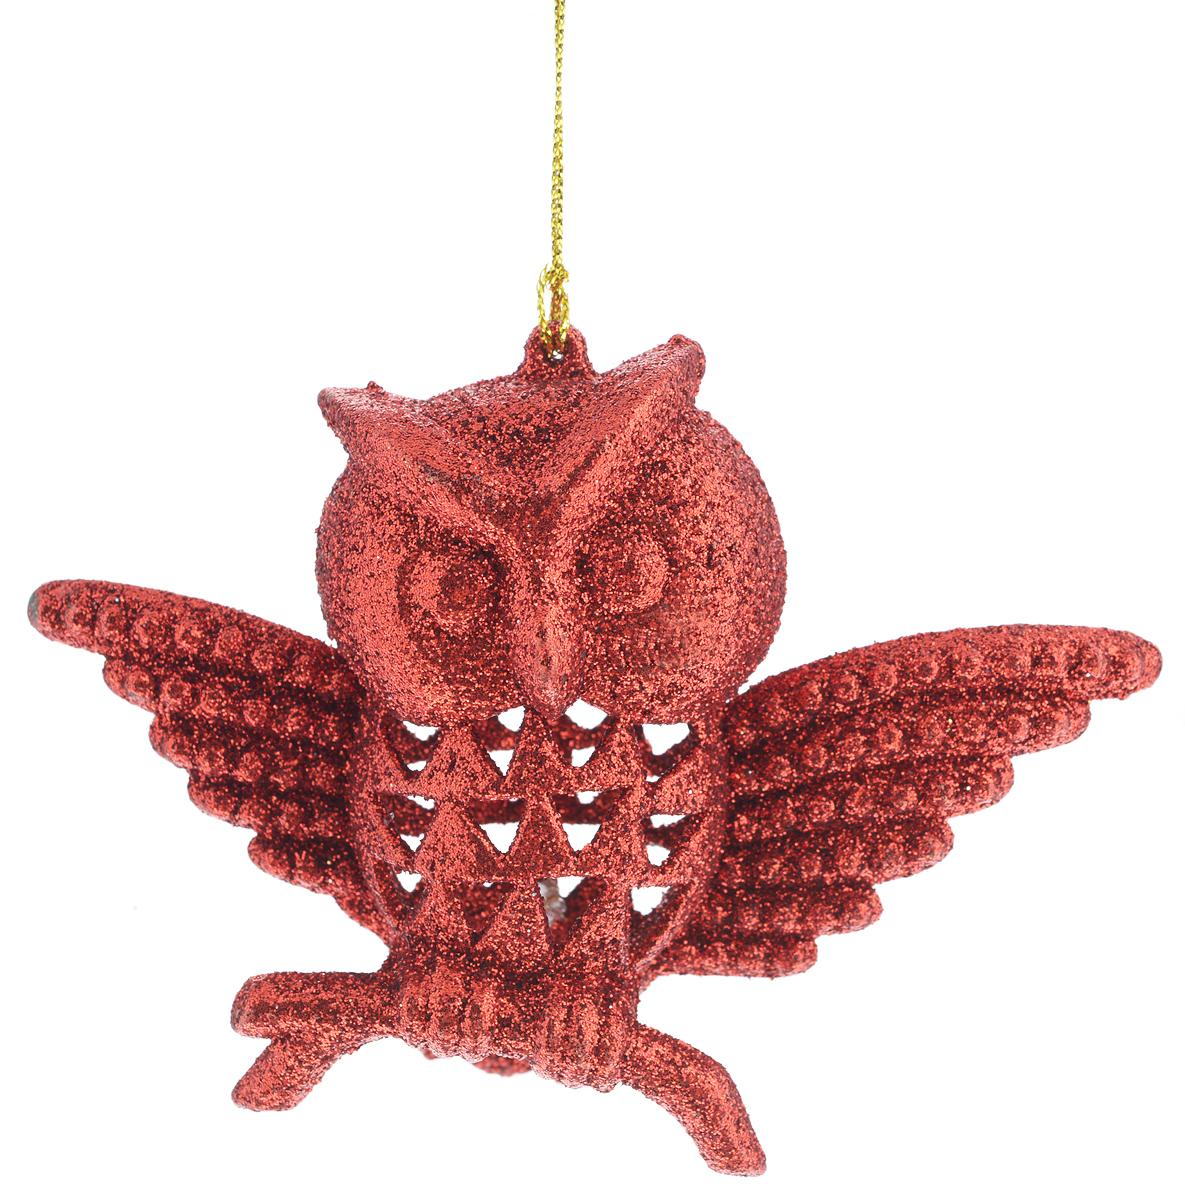 Новогоднее подвесное украшение Феникс-Презент Сова, цвет: красный34977Новогоднее украшение Феникс-Презент Сова, изготовленное из высококачественногопластика, прекрасно подойдет для праздничного декора дома иновогодней ели. С помощьюспециальной текстильной петельки его можно повесить в любомпонравившемся вам месте.Елочная игрушка - символ Нового года. Она несет в себе волшебство и красоту праздника.Создайте в своем доме атмосферу веселья и радости, украшая новогоднюю елку наряднымиигрушками, которые будут из года в год накапливать теплоту воспоминаний.